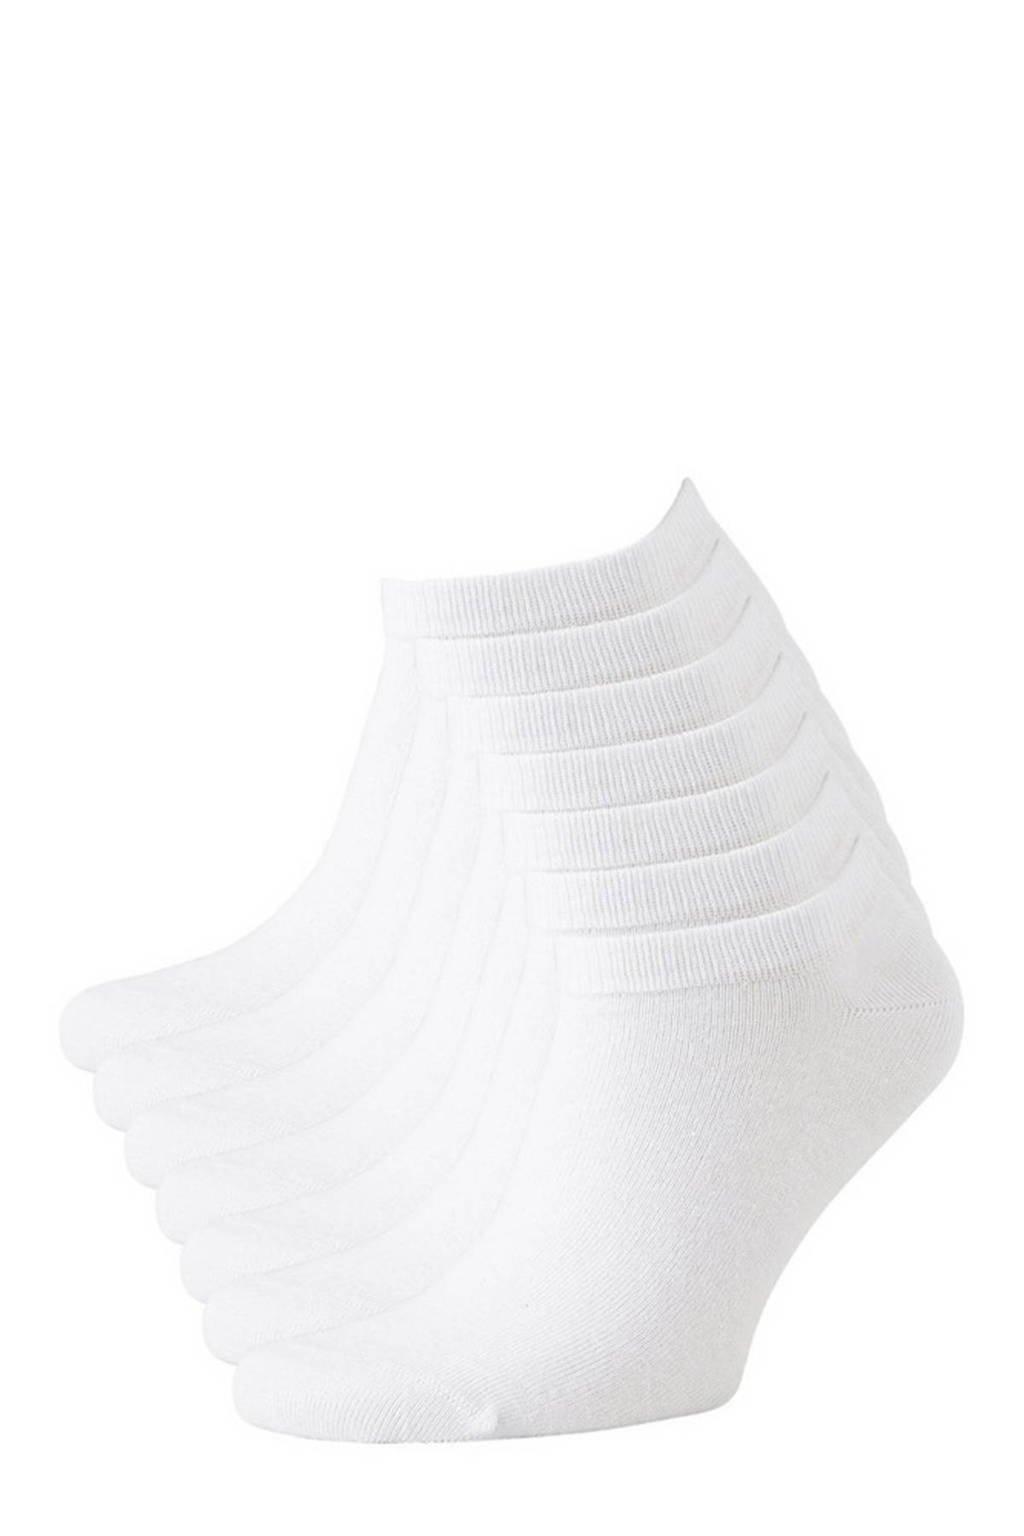 anytime sneakersokken - set van 7 wit, Wit